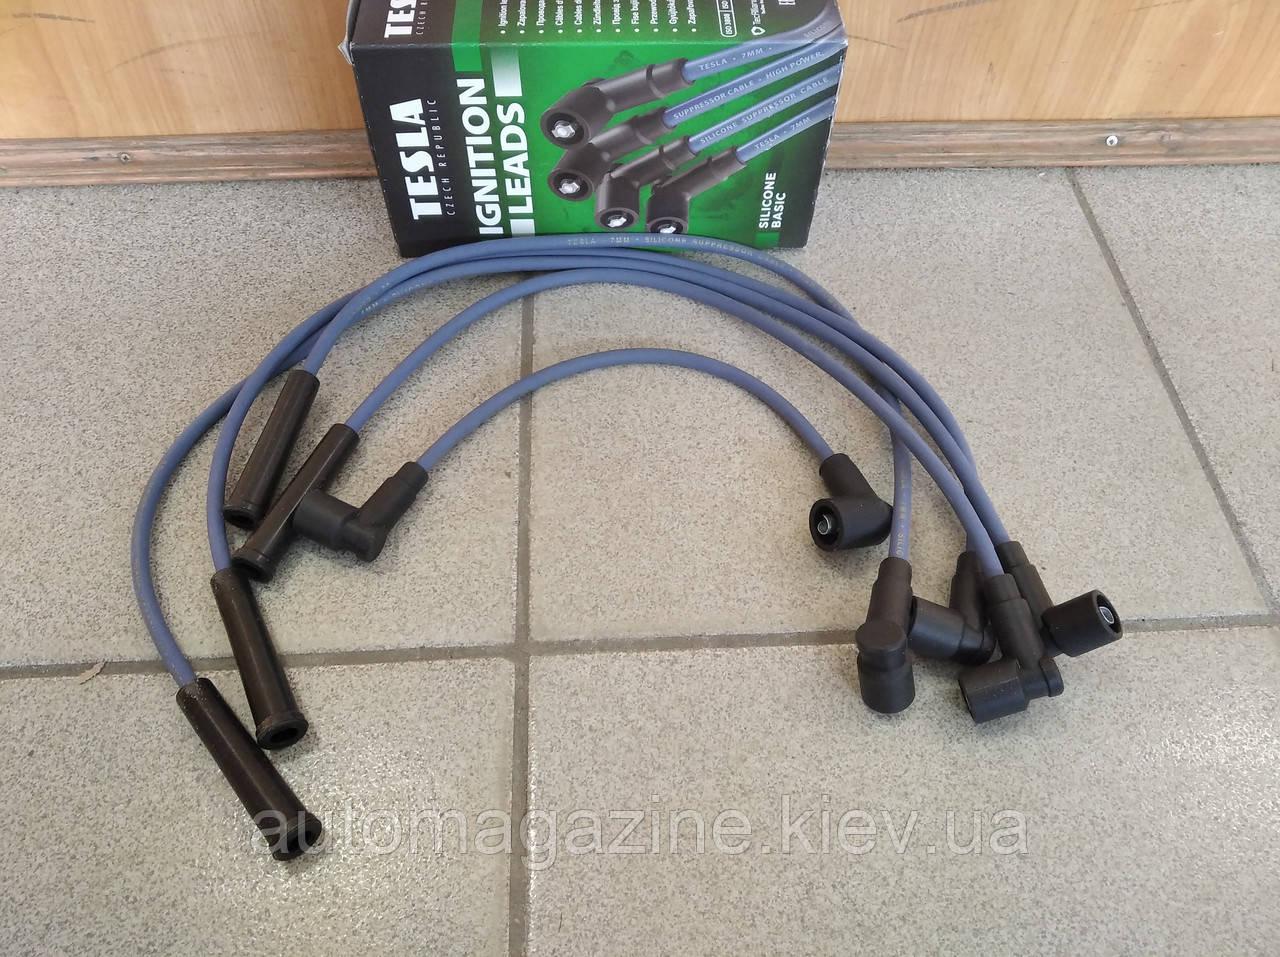 Провода высоковольтные ВАЗ 2108 - 2110 (карбюратор)